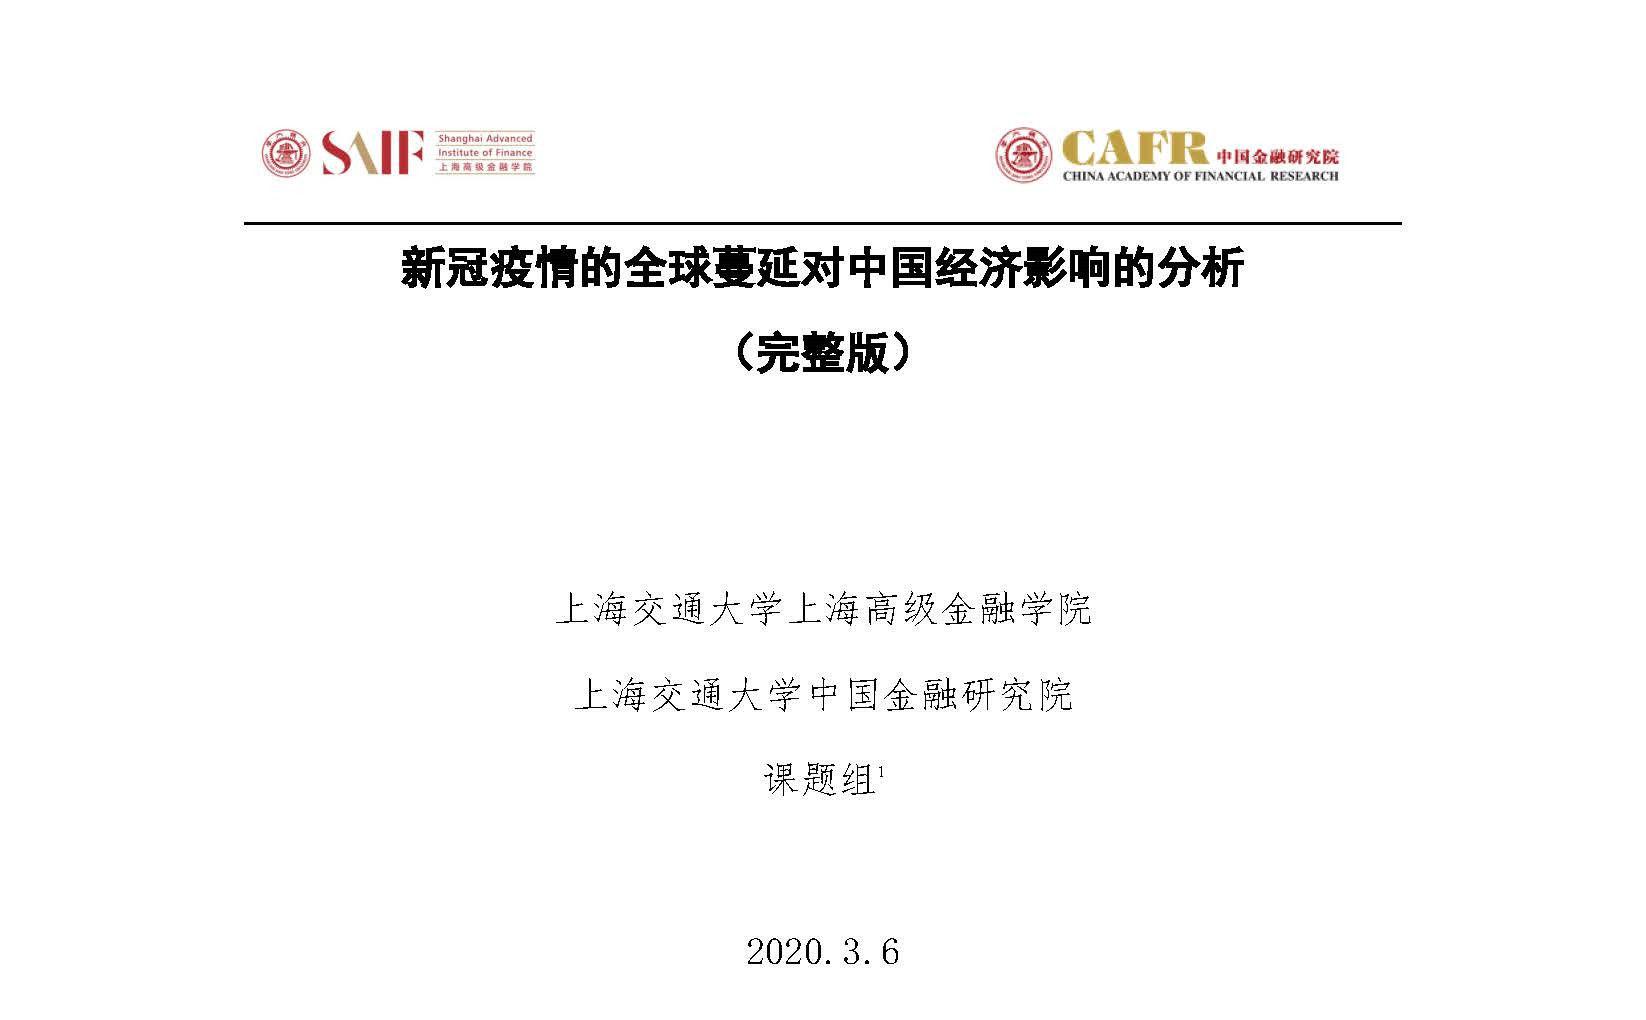 報告:《新冠疫情的全球蔓延對中國經濟影響的分析》(附下載)